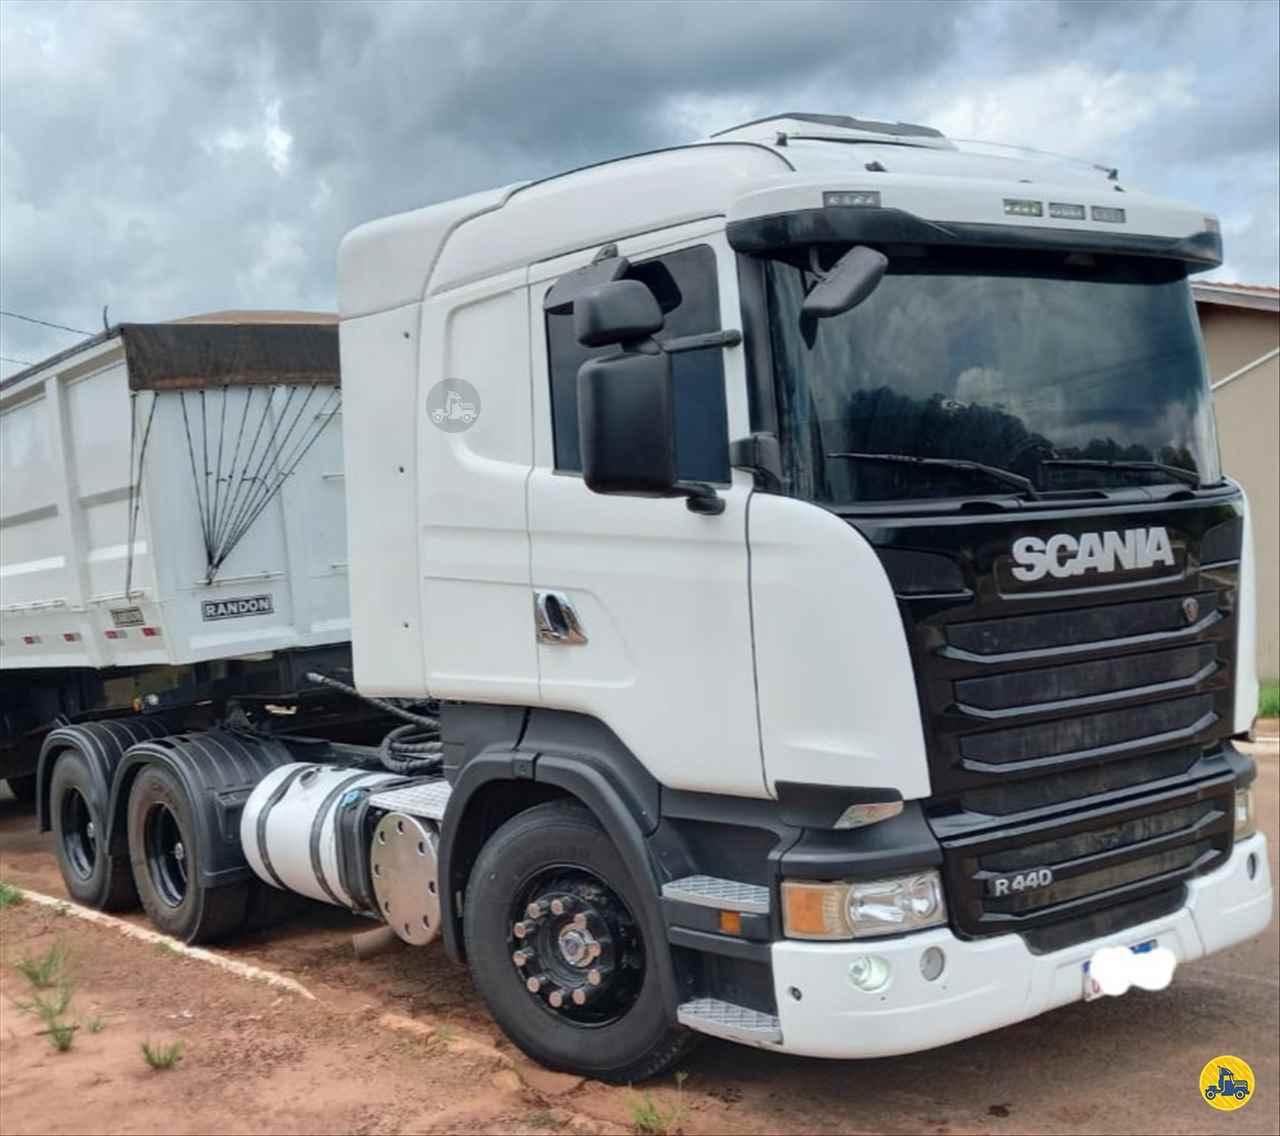 SCANIA 440 de Megatruck Caminhões e Máquinas - CAMPO GRANDE/MS